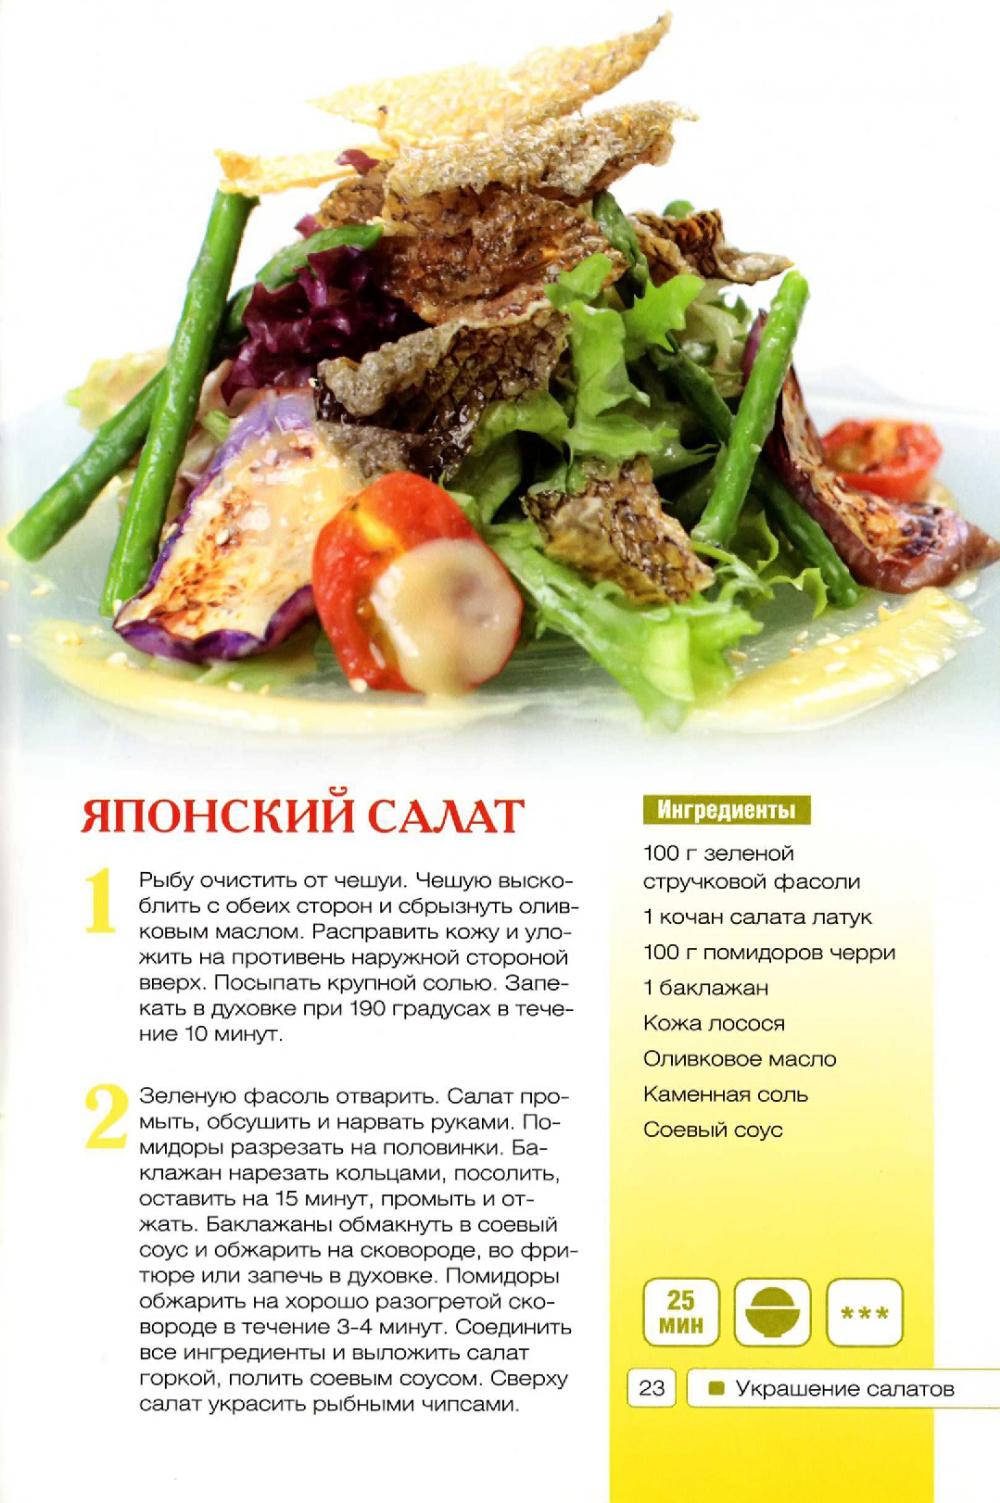 http://i5.imageban.ru/out/2013/12/23/1505461270529fca54dd3dda1bbb15ab.jpg